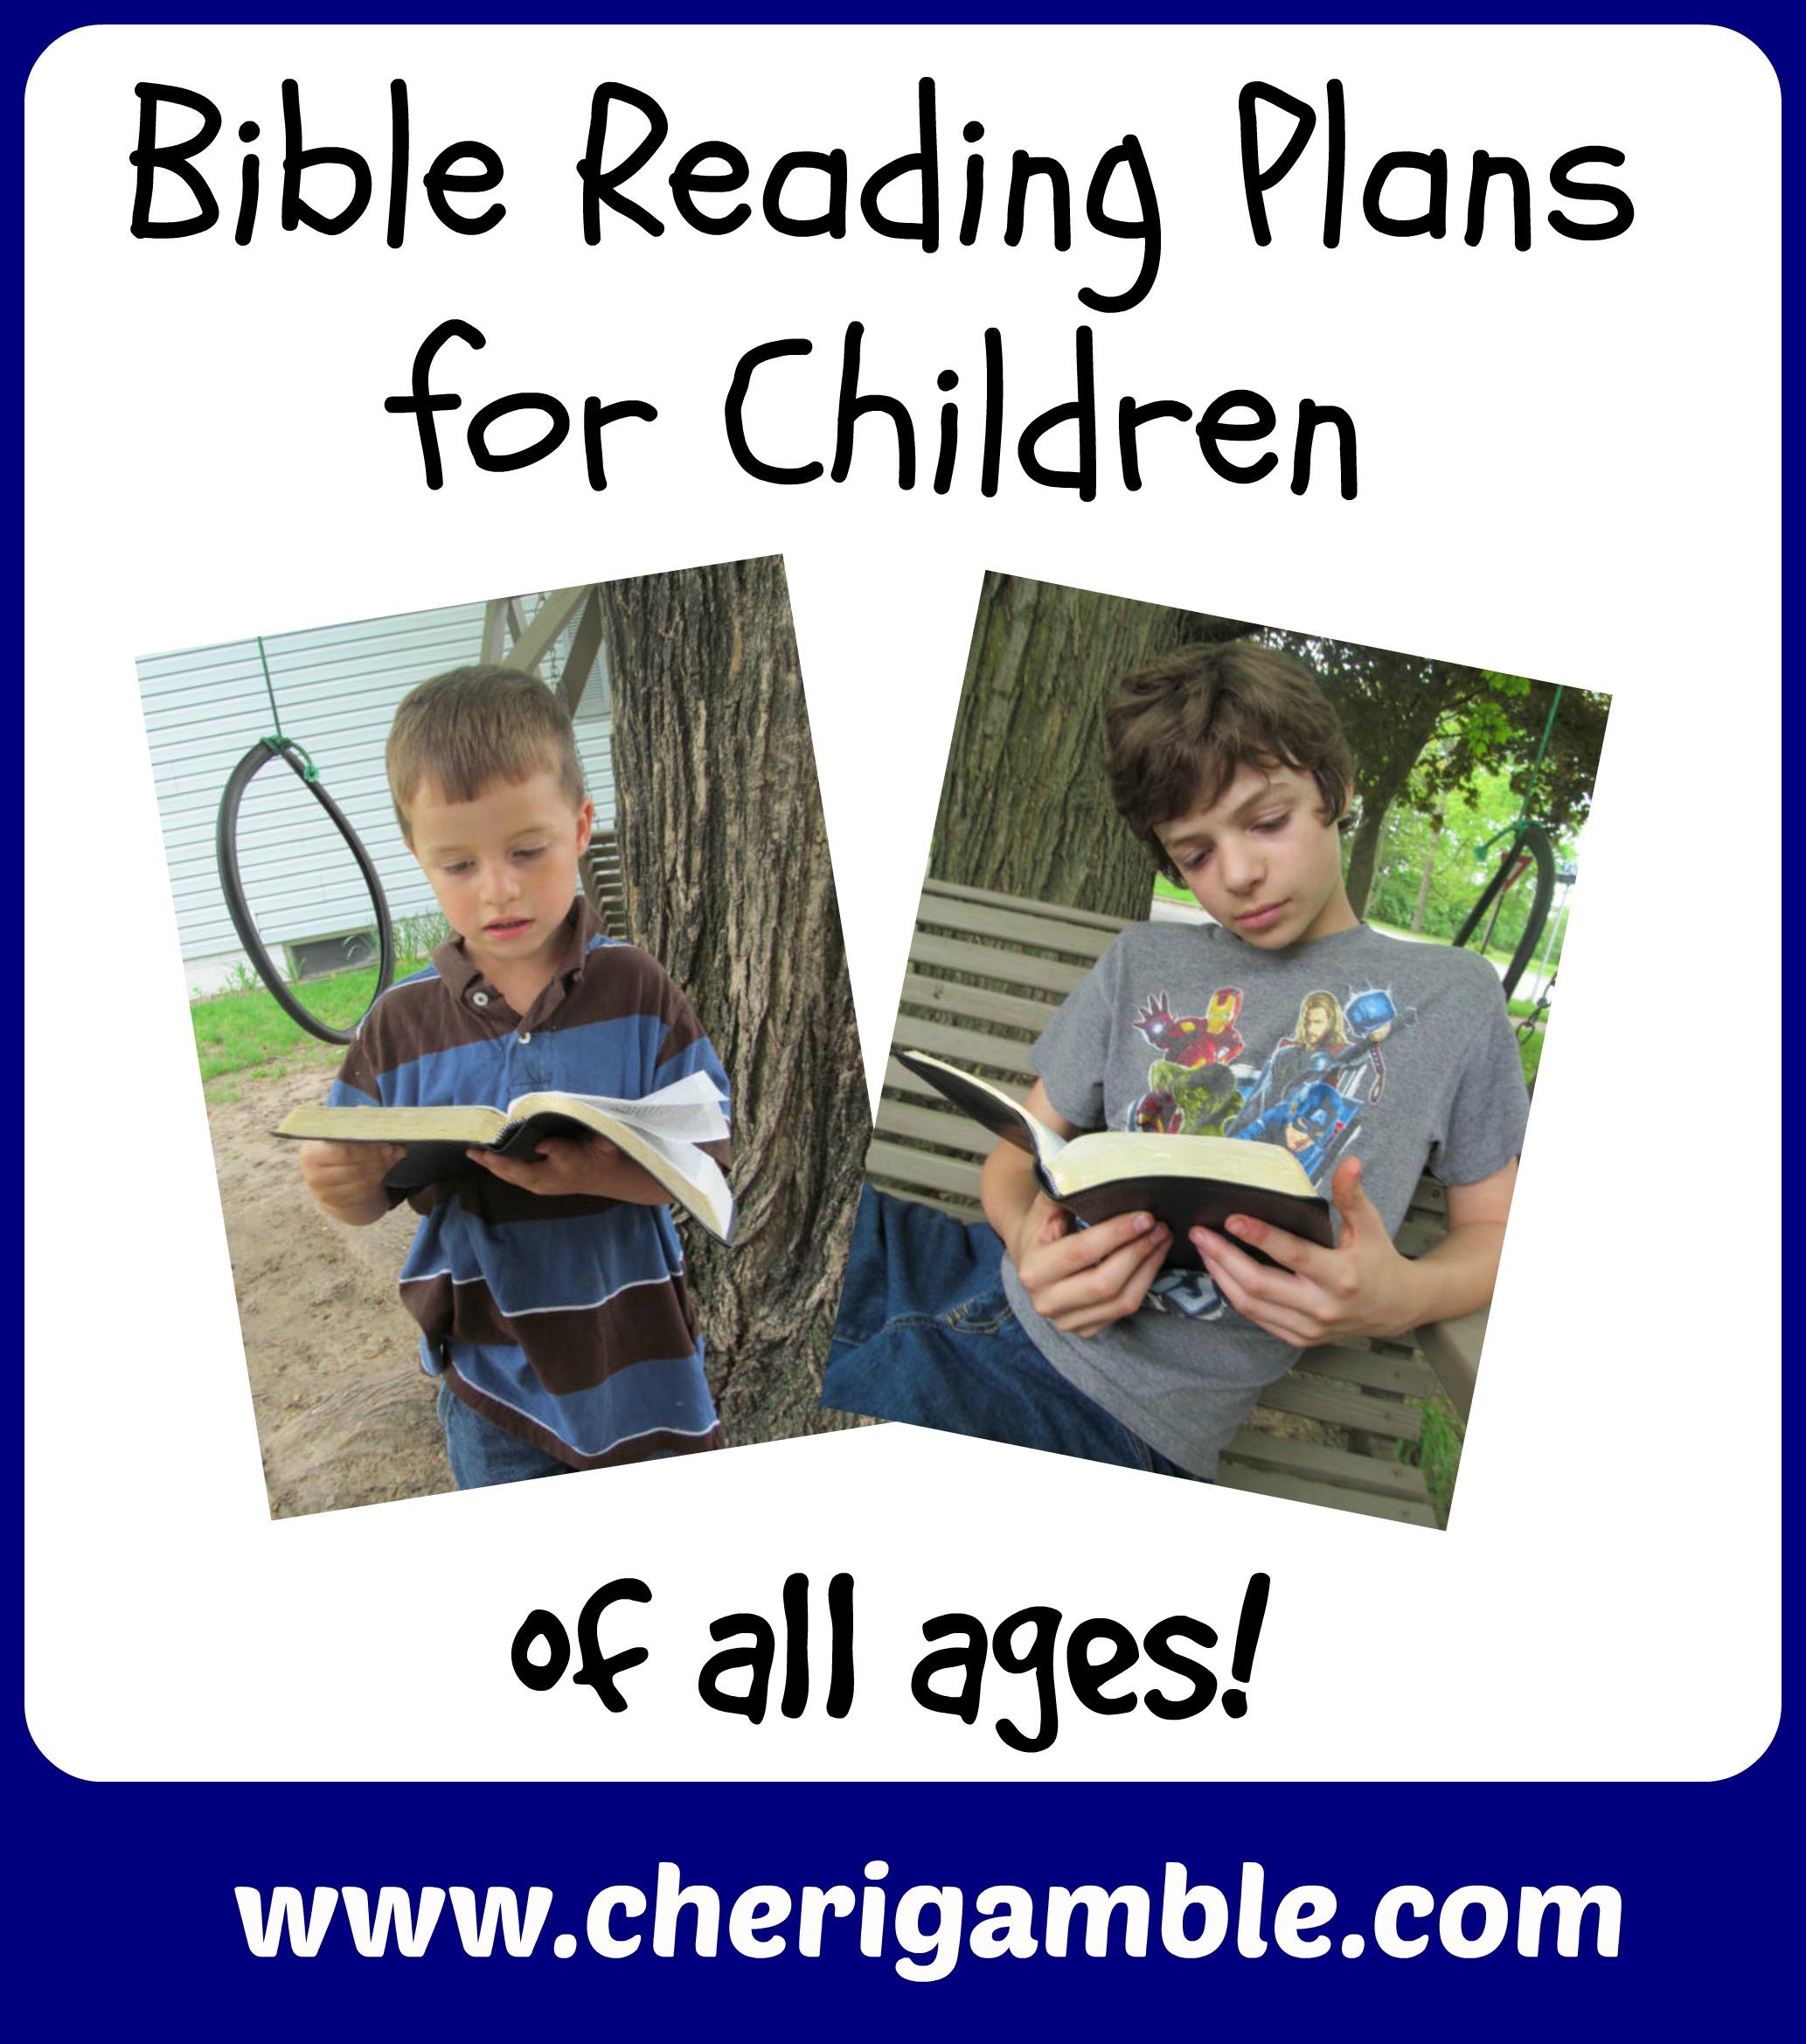 Bible Reading Plans Cheri